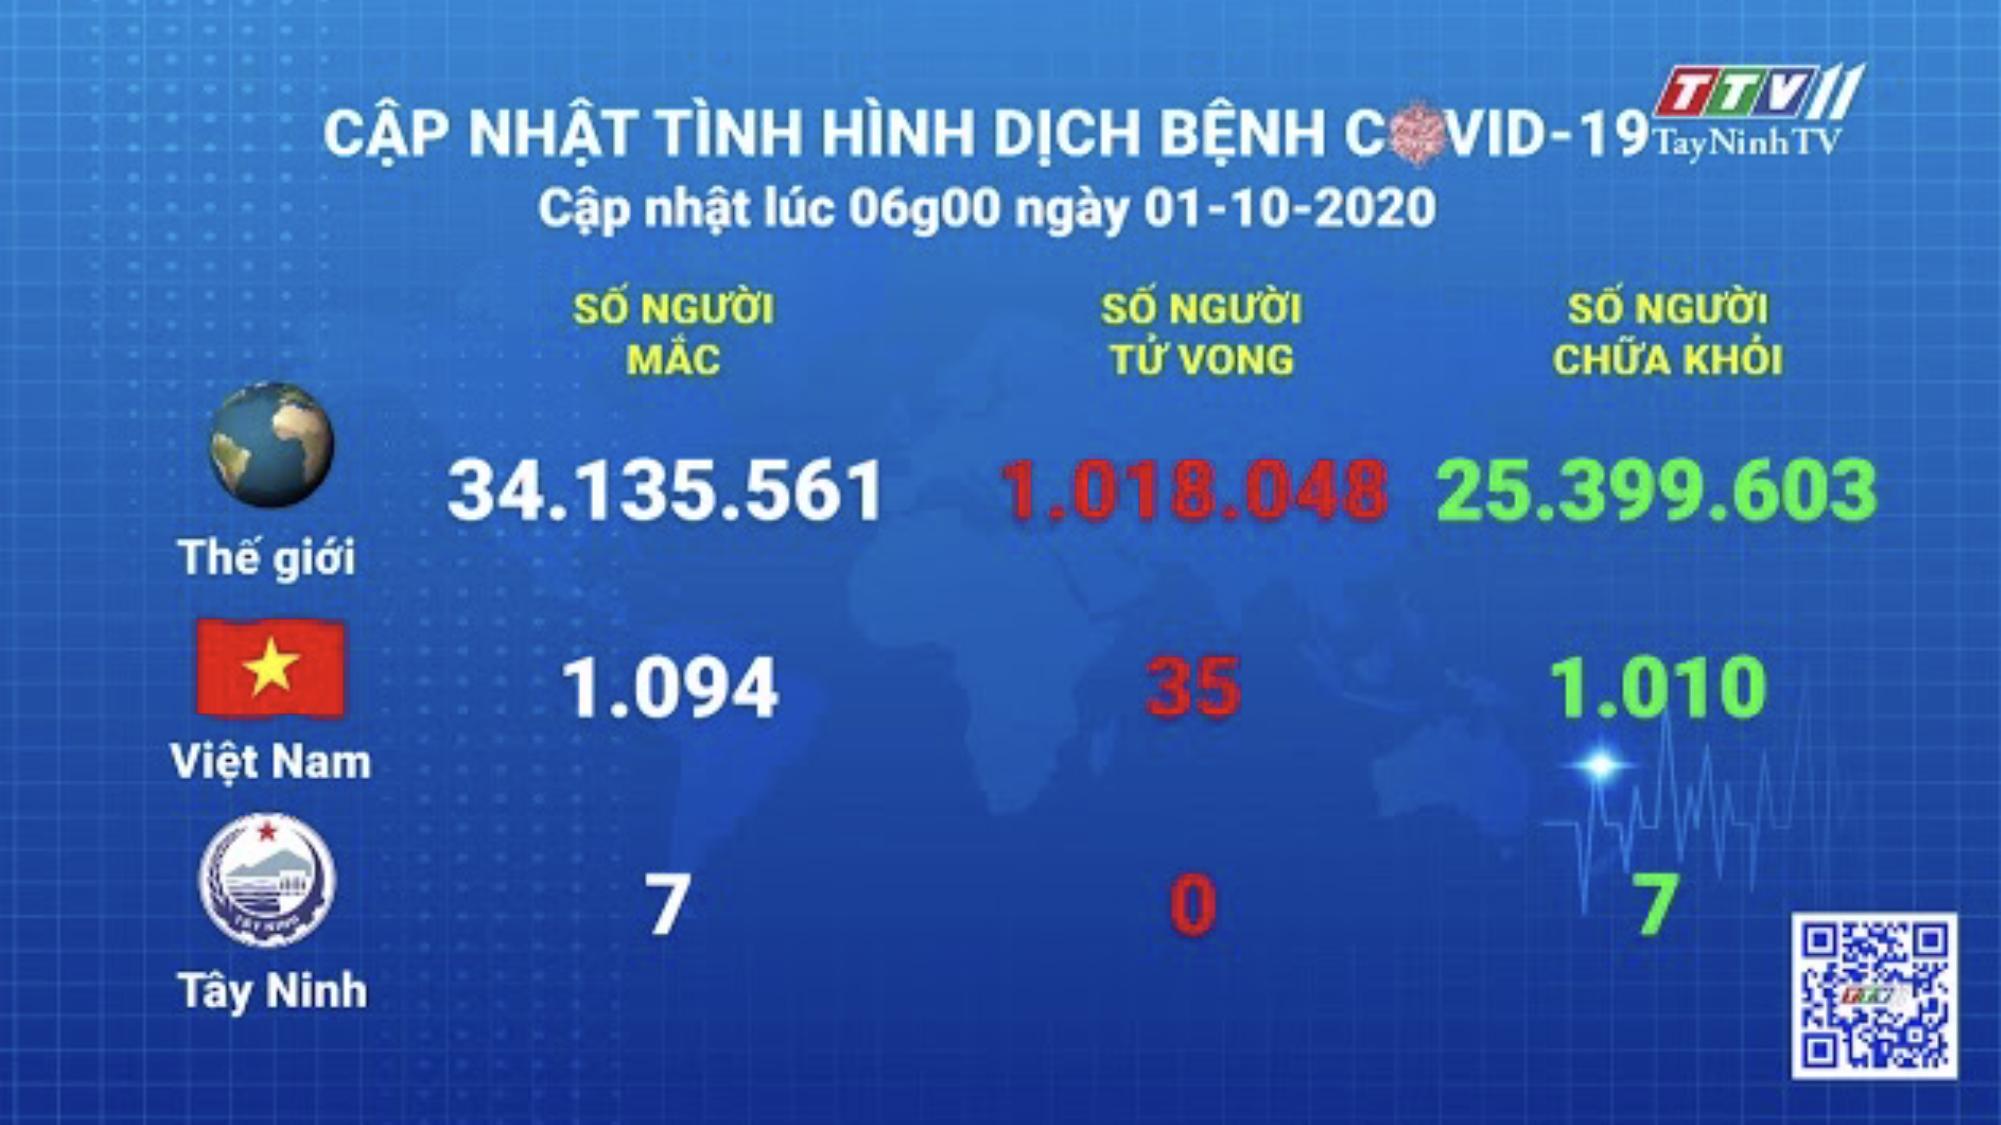 Cập nhật tình hình Covid-19 vào lúc 06 giờ 01-10-2020 | Thông tin dịch Covid-19 | TayNinhTV